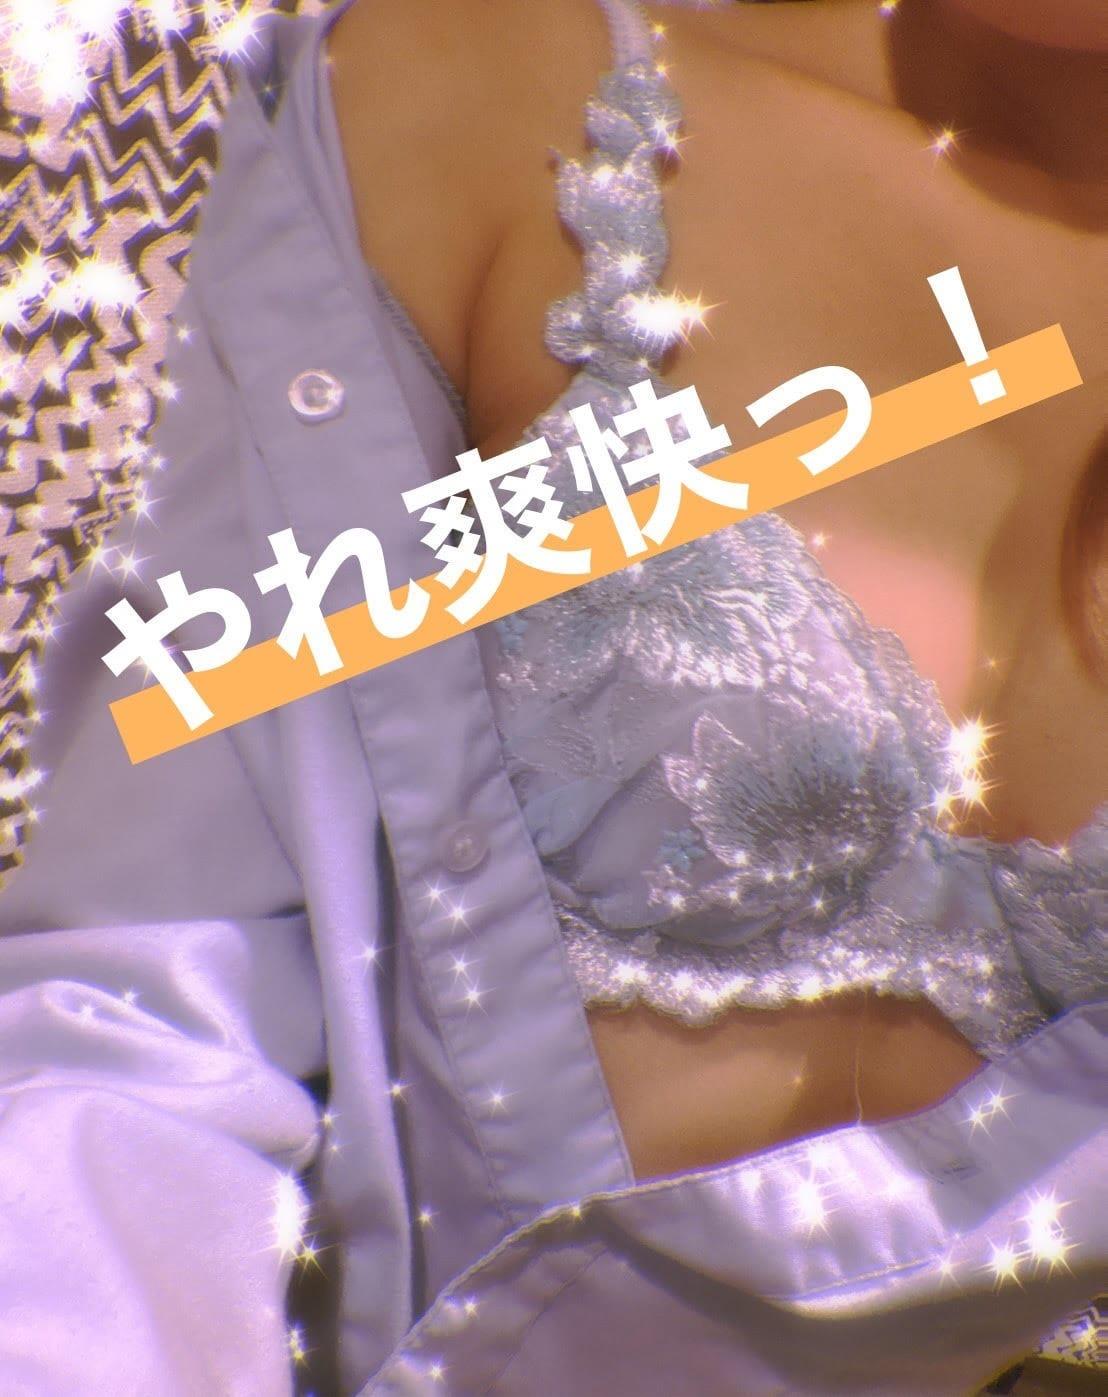 「こんにちは!」10/24(土) 13:56   鈴木の写メ・風俗動画